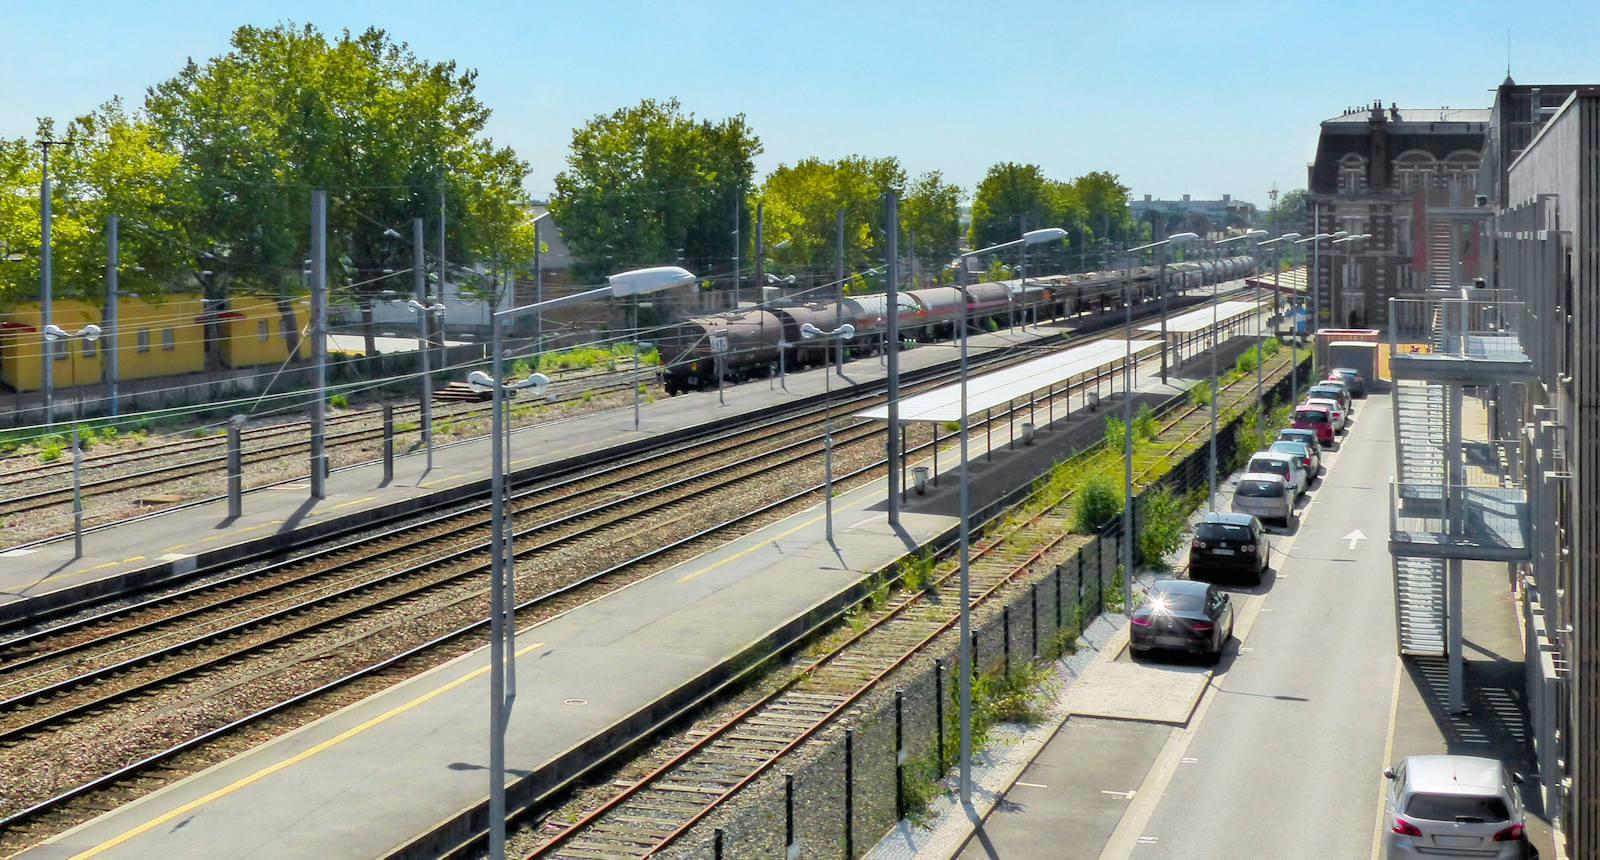 Gare de Tourcoing - Train de marchandises à quai